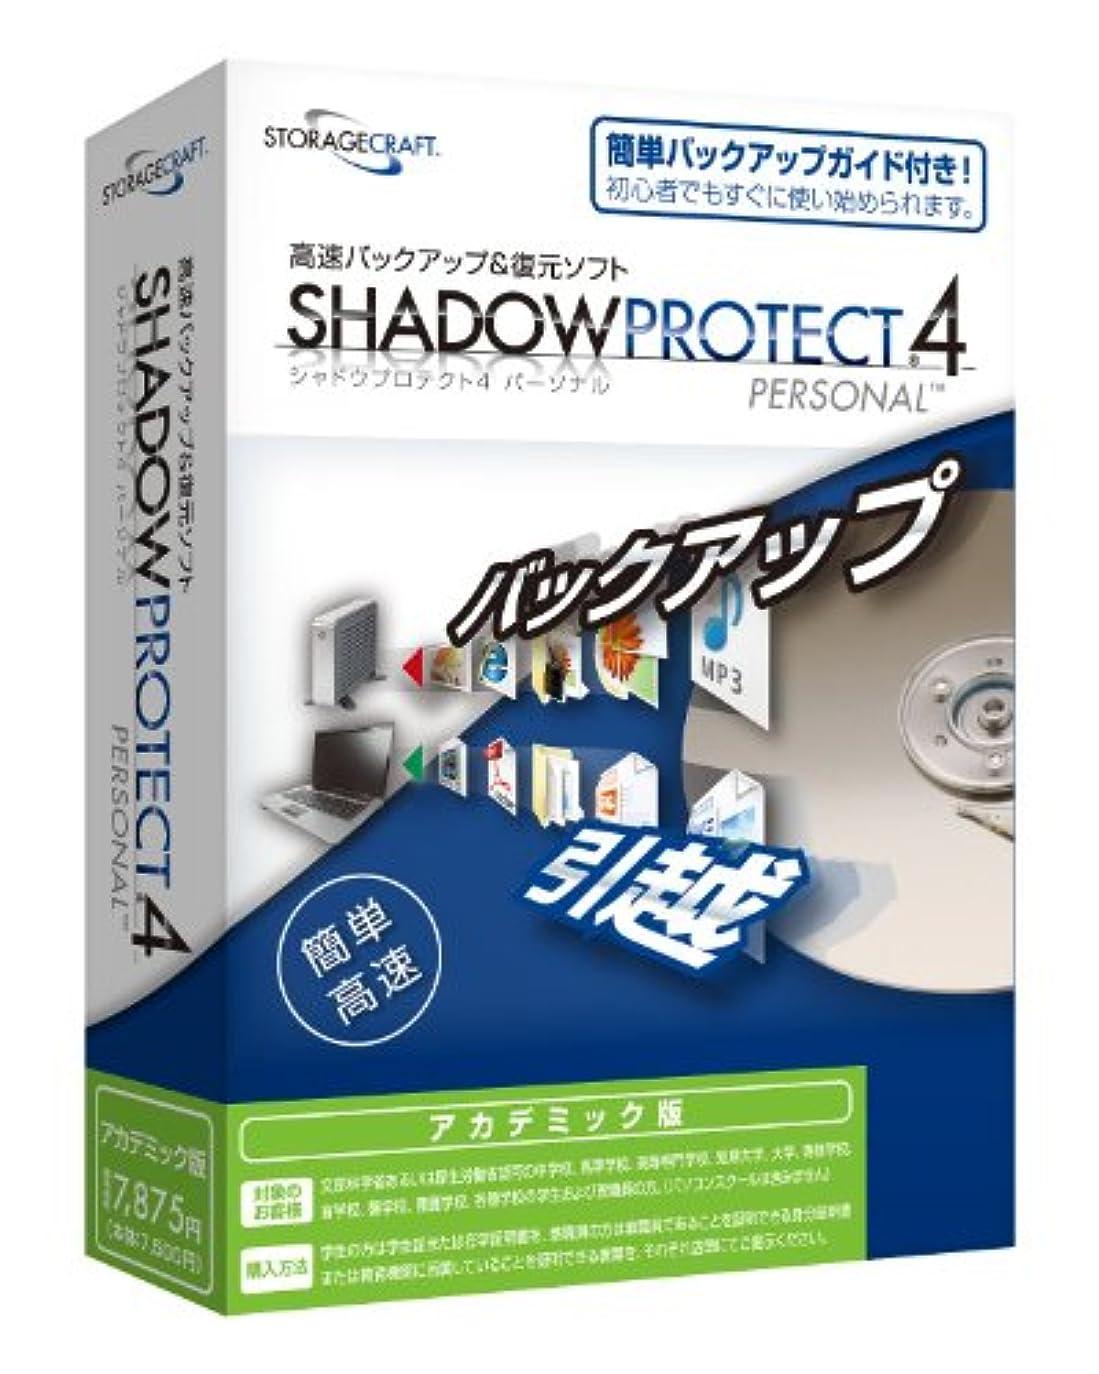 ラネクシー    ShadowProtect 4 Personal アカデミック版